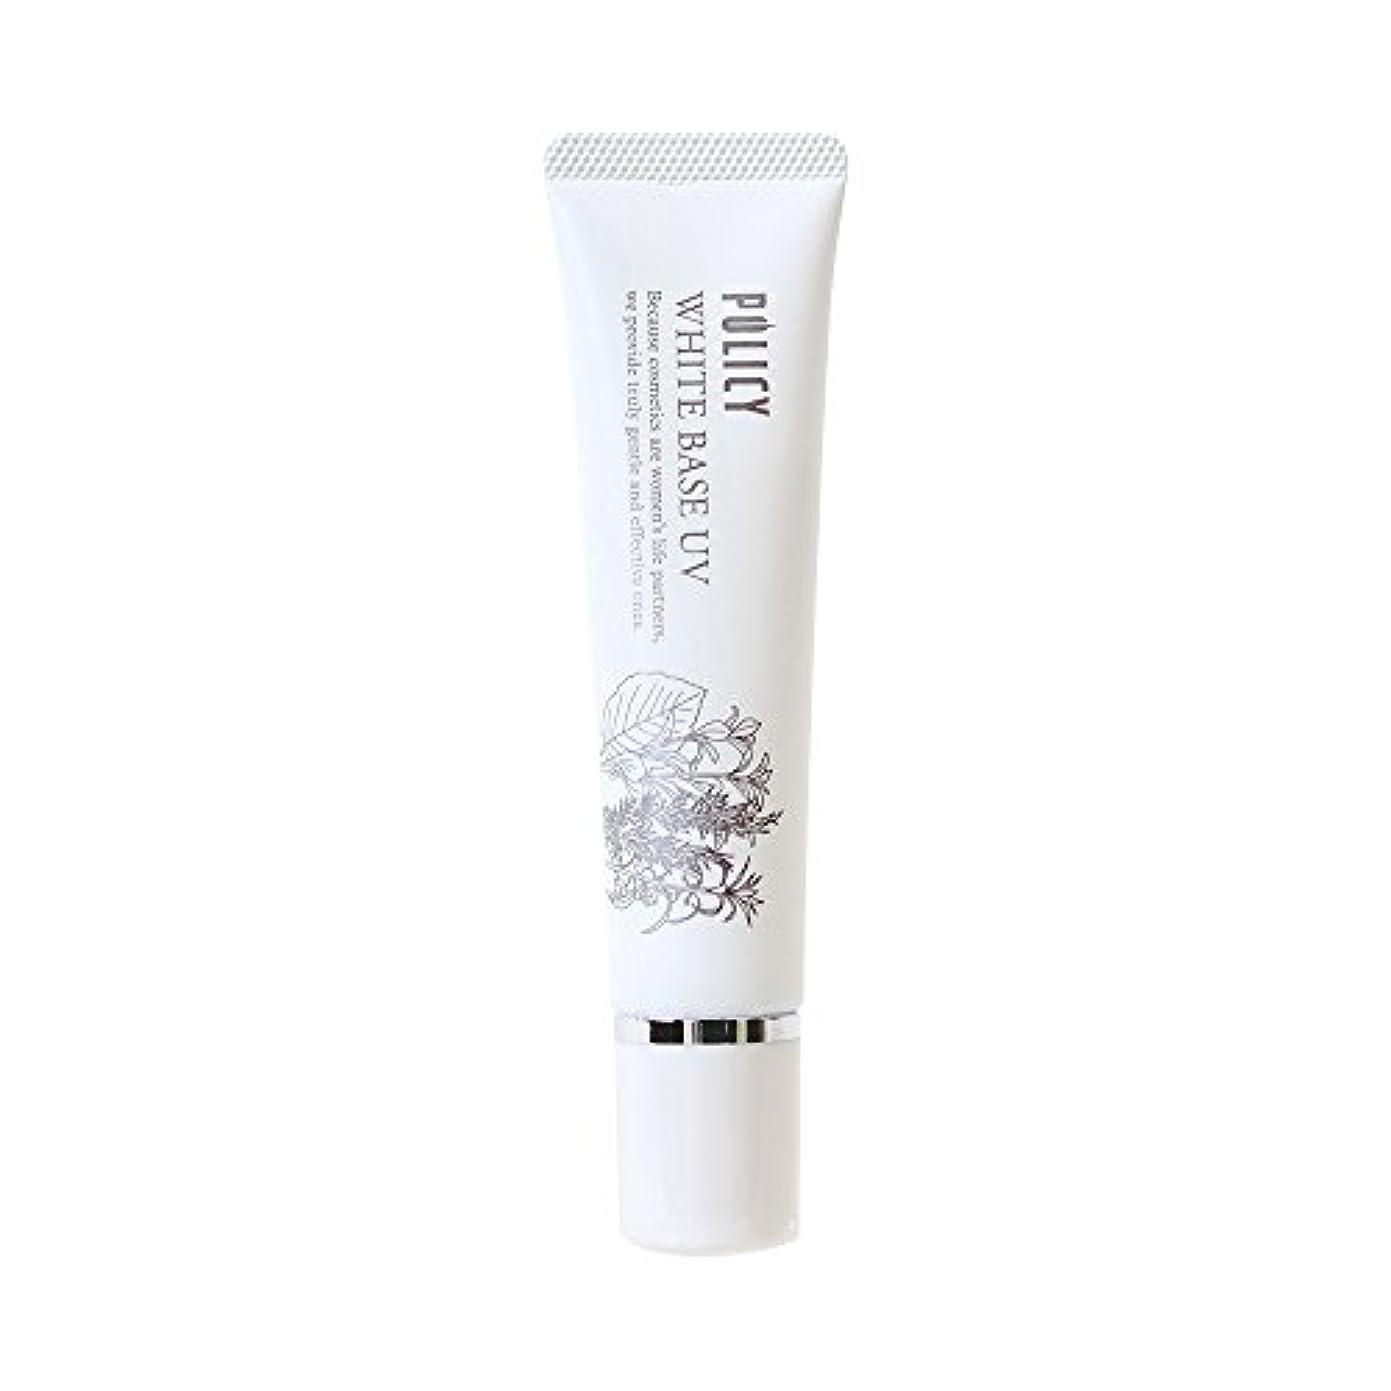 枝順応性のある拡張ポリシー化粧品 【メイク下地クリーム】ホワイトベースUV 30g